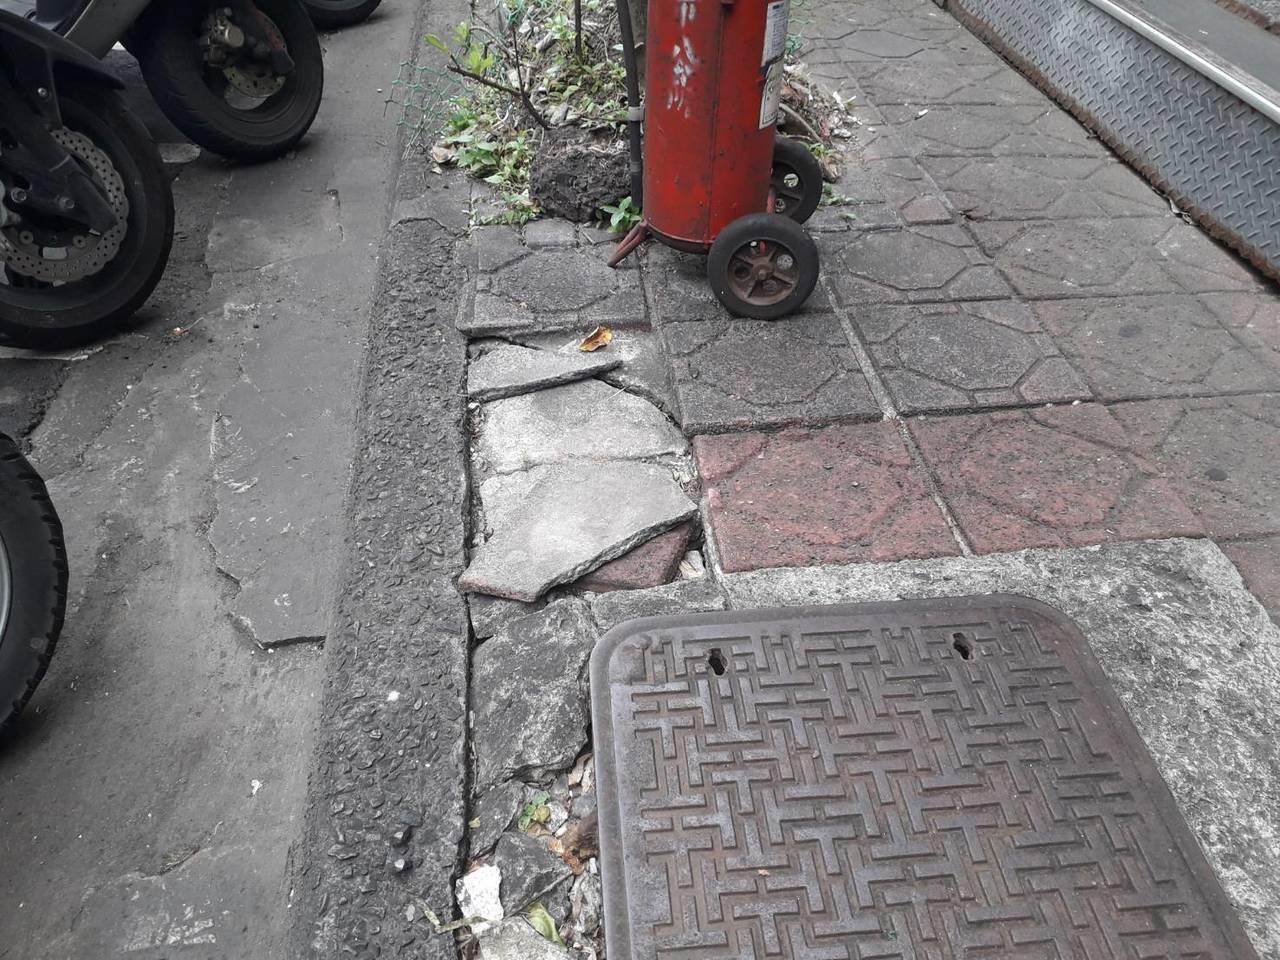 新北市板橋區廣權路1號的人行道長期有地磚鋪面不整、路中間明顯高低差問題,造成民眾...